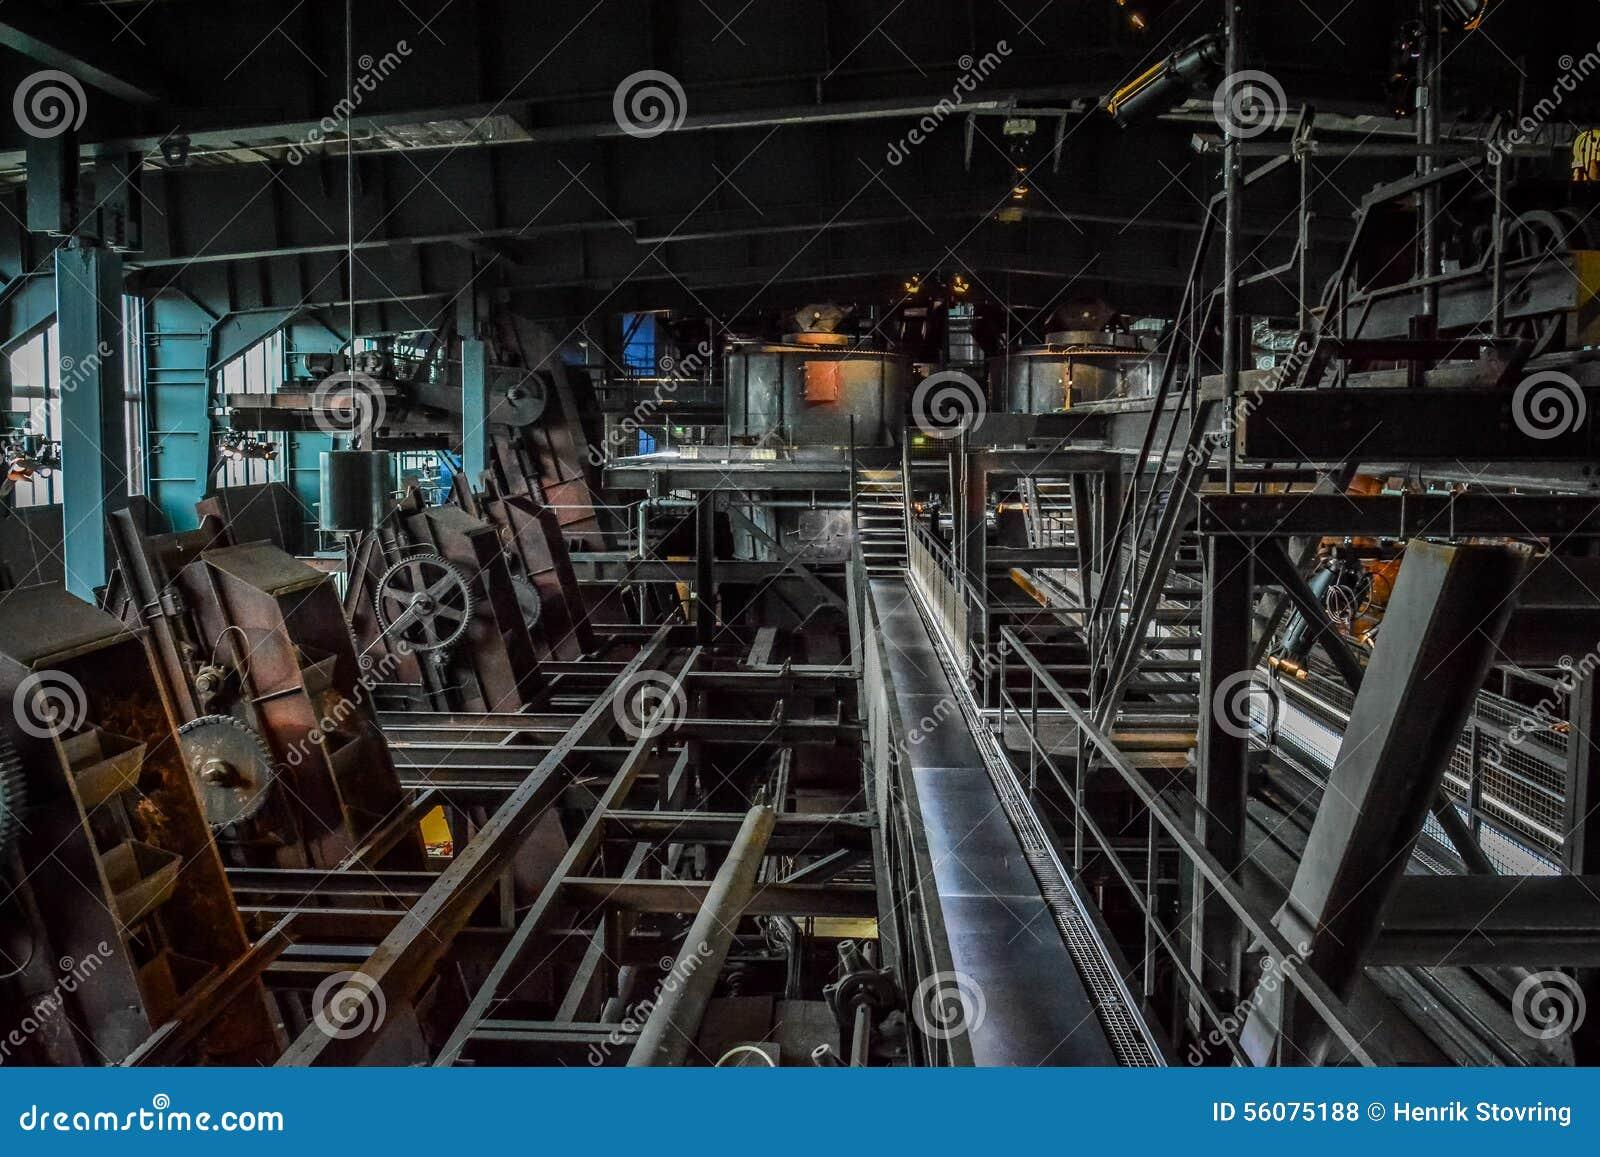 Εσωτερικό του παλαιού εργοστασίου (iv), μουσείο του Ρουρ, Γερμανία